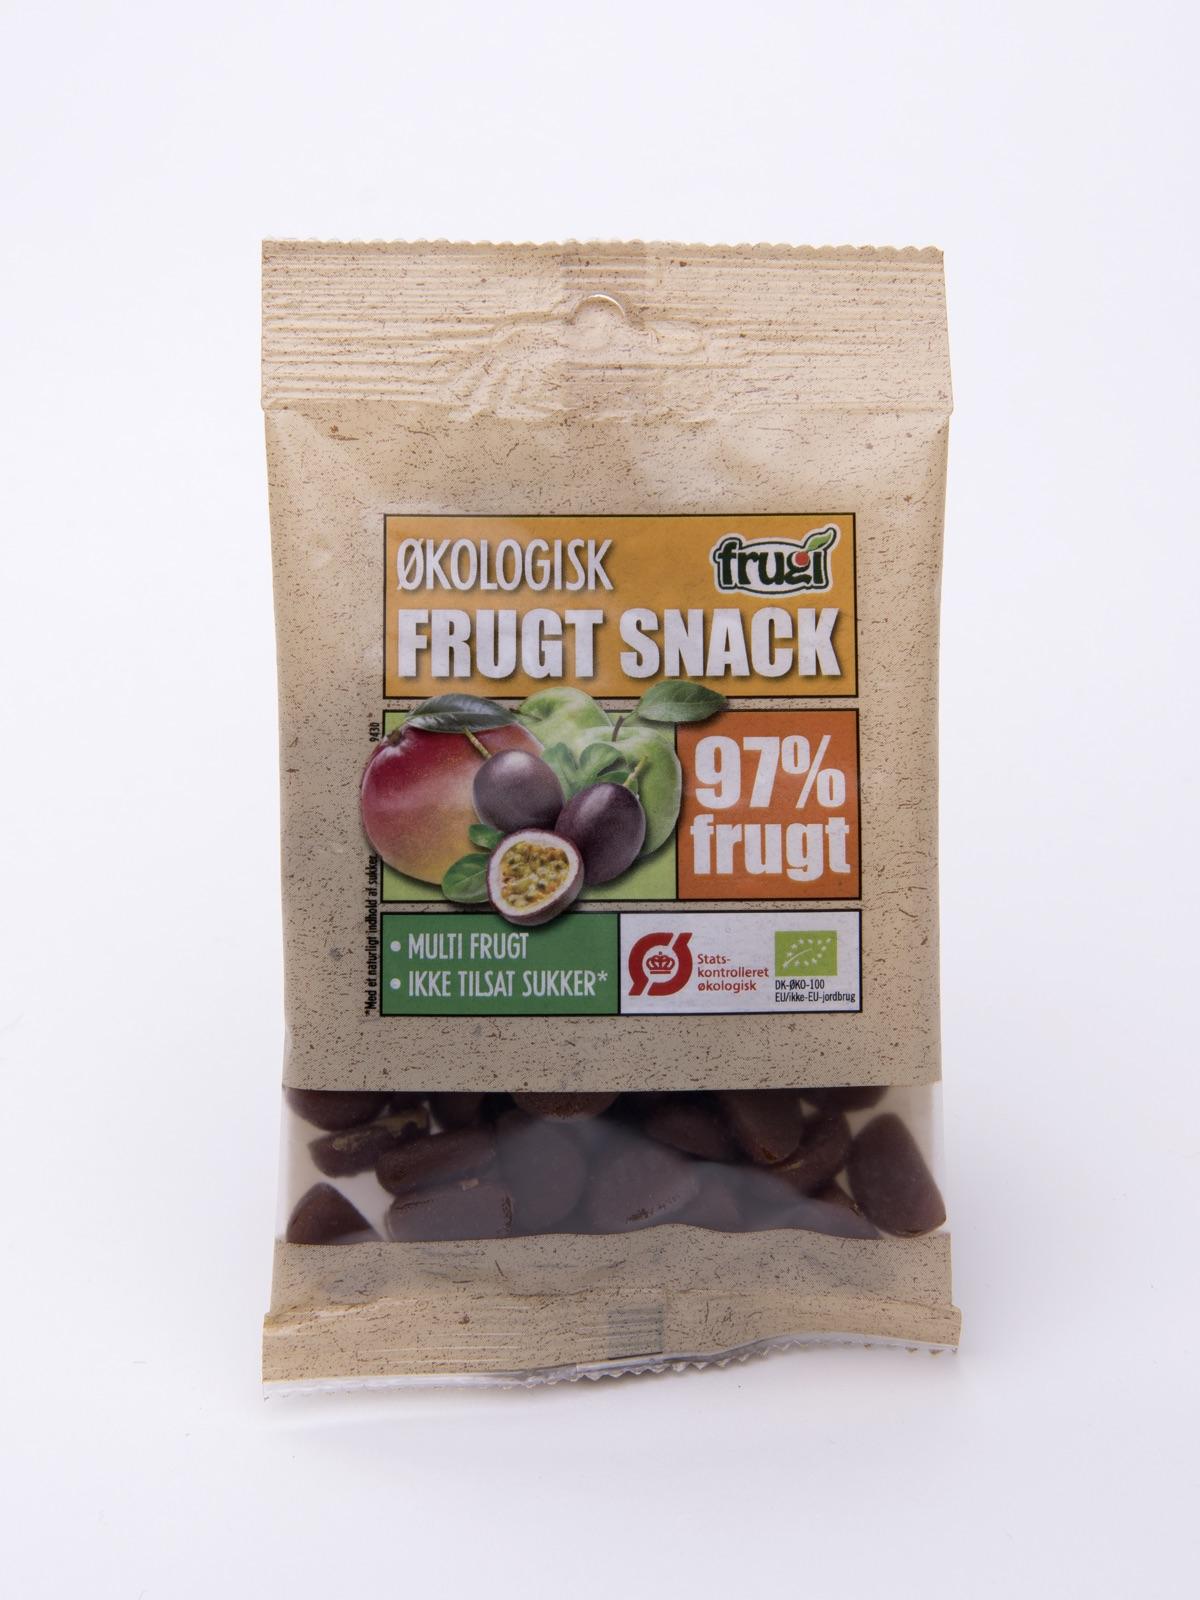 Frugt Snack